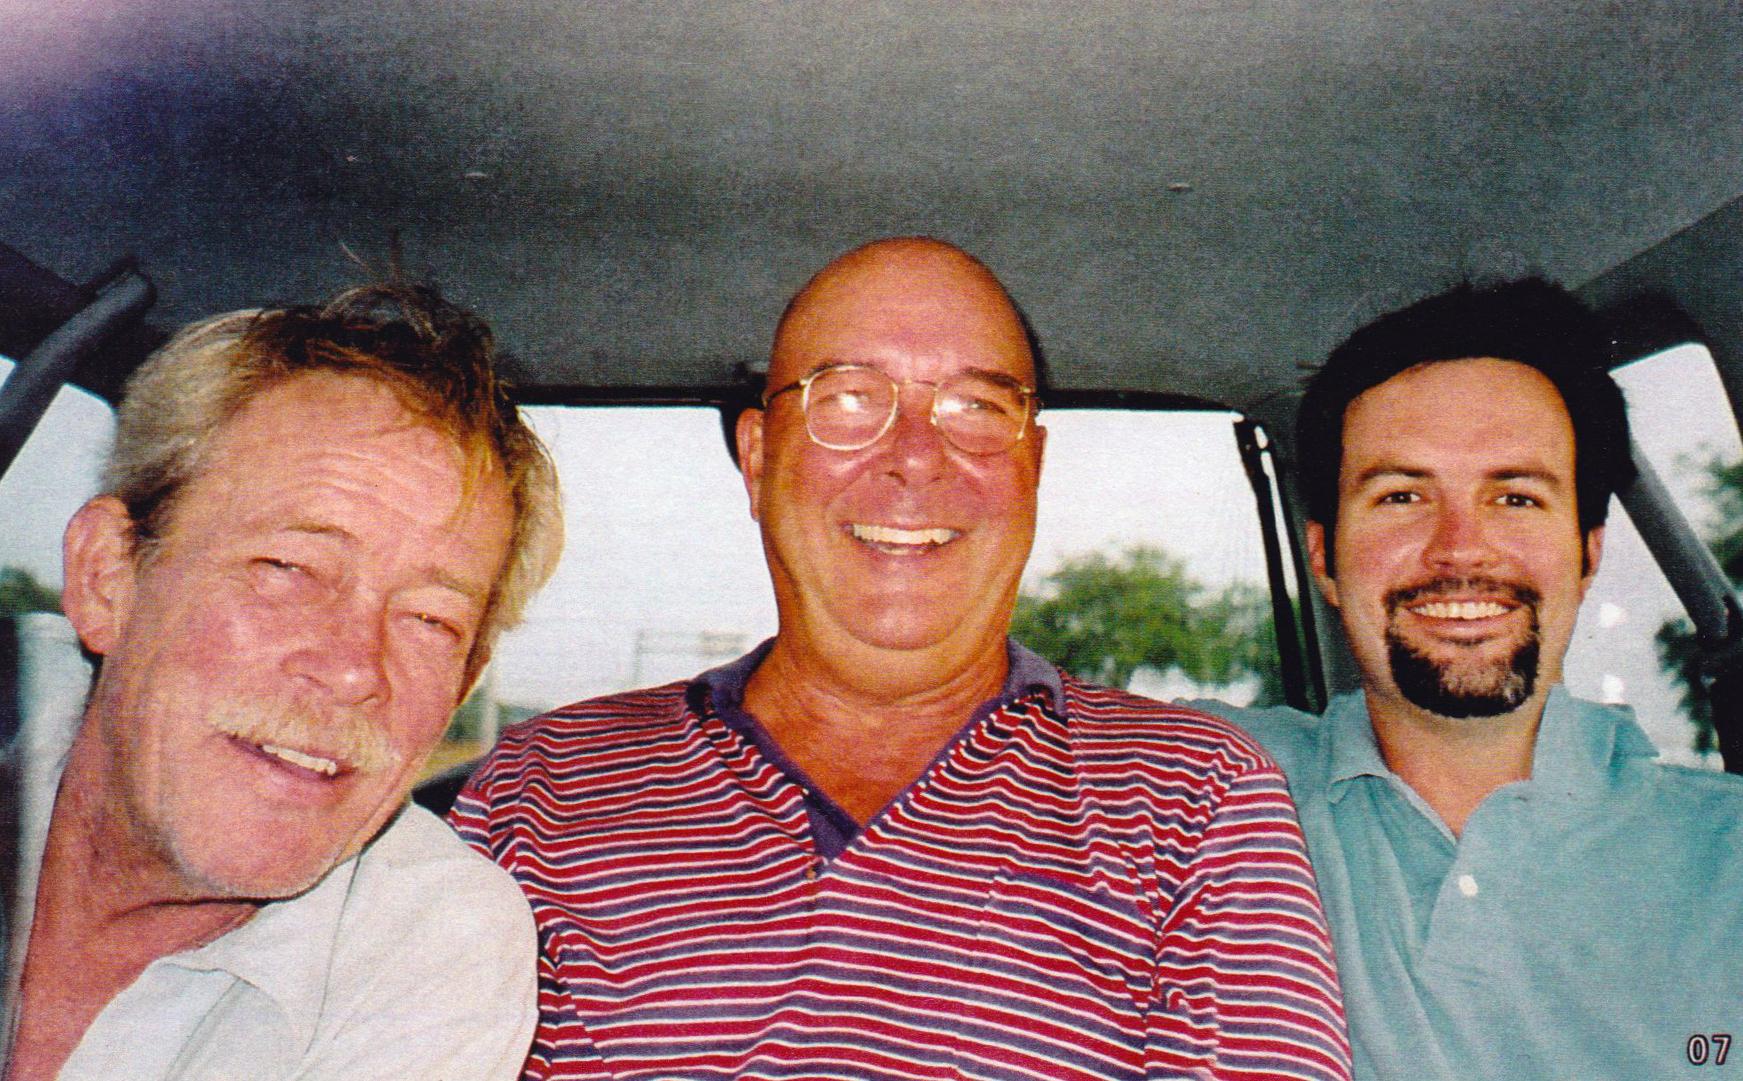 Dad, Bernie, and Chris